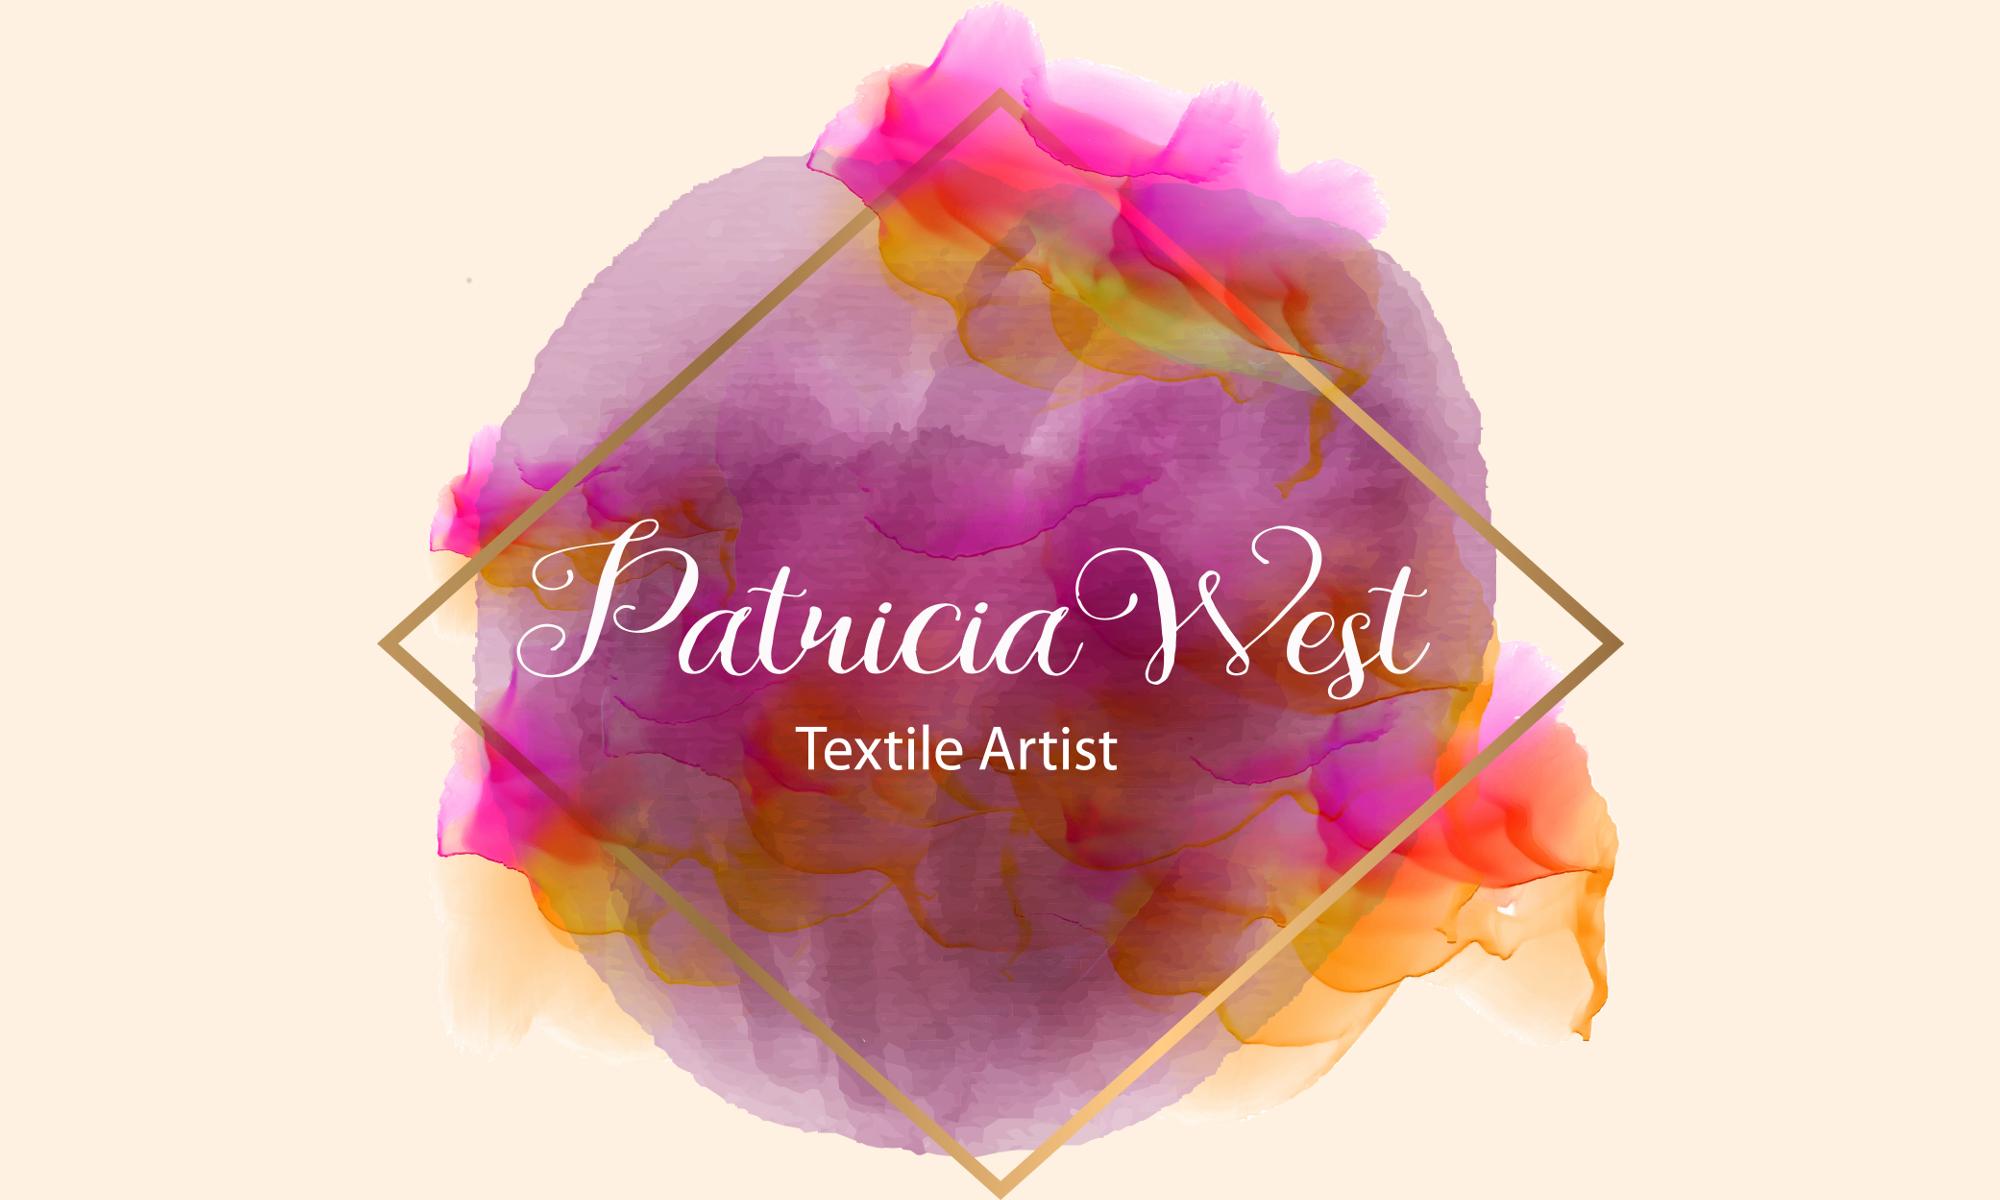 Patricia West Textile Artist